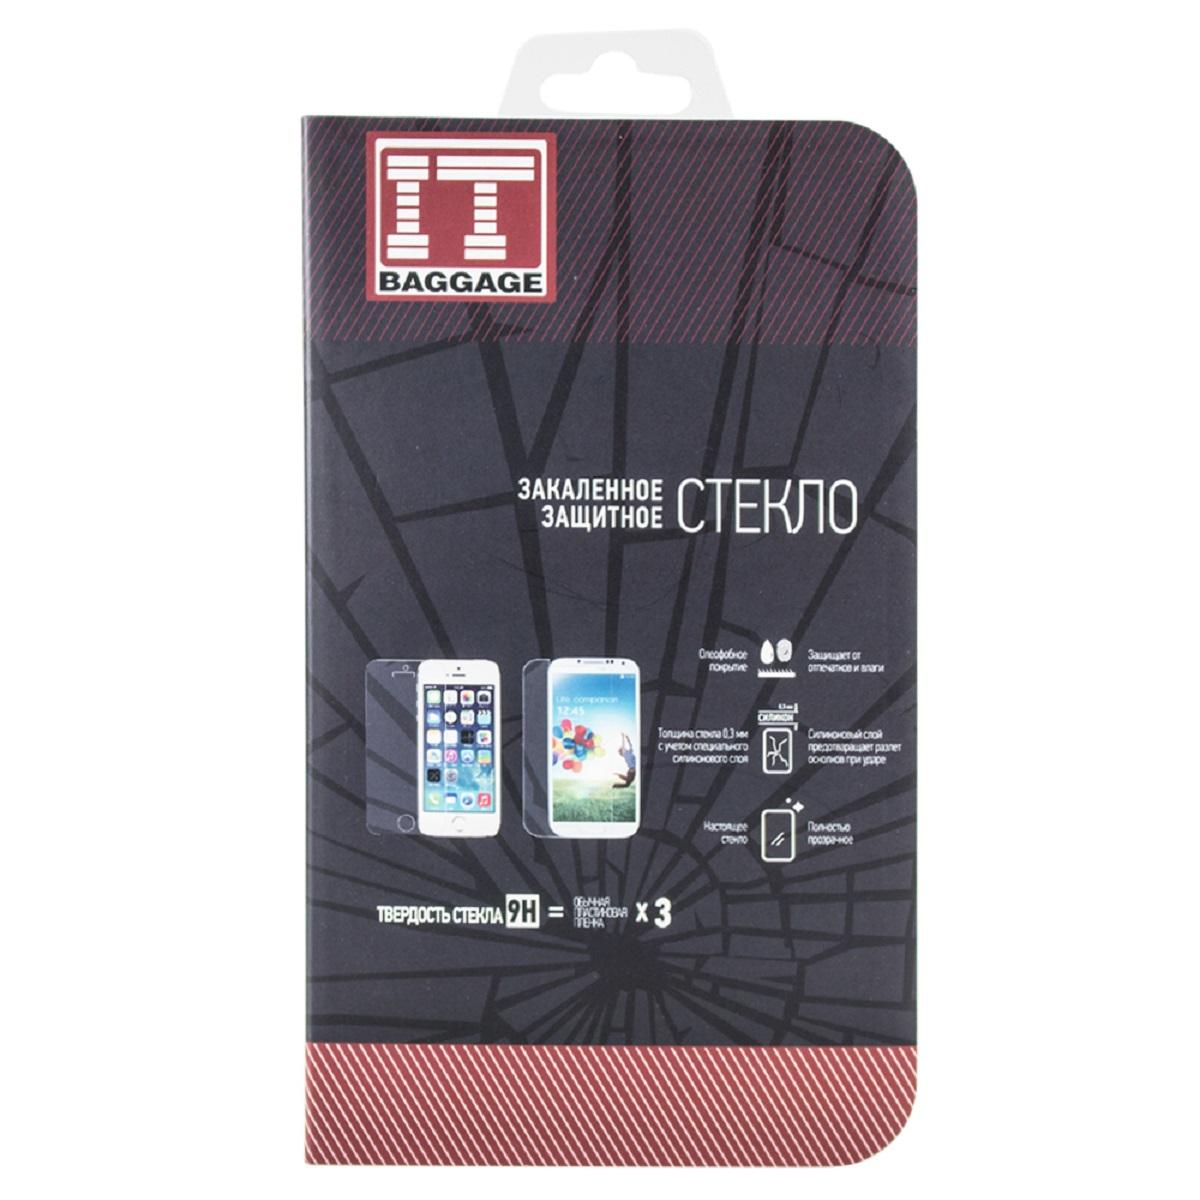 IT Baggage защитное стекло для Meizu M3s miniITMZM3SMIGЗакаленное стекло IT Baggage для Meizu M3s mini - это самый верный способ защитить экран от повреждений и загрязнений. Обладает высочайшим уровнем прозрачности и совершенно не влияет на отклик экранного сенсора и качество изображения. Препятствует появлению отпечатков и пятен. Удалить следы жира и косметики с поверхности аксессуара не составить ни какого труда.Характеристики защитного стекла делают его износостойким к таким механическим повреждениям, как царапины, сколы, потертости. При сильном ударе разбившееся стекло не разлетается на осколки, предохраняя вас от порезов, а экран устройства от повреждений.После снятия защитного стекла с поверхности дисплея, на нем не остаются повреждения, такие как потертости и царапины.